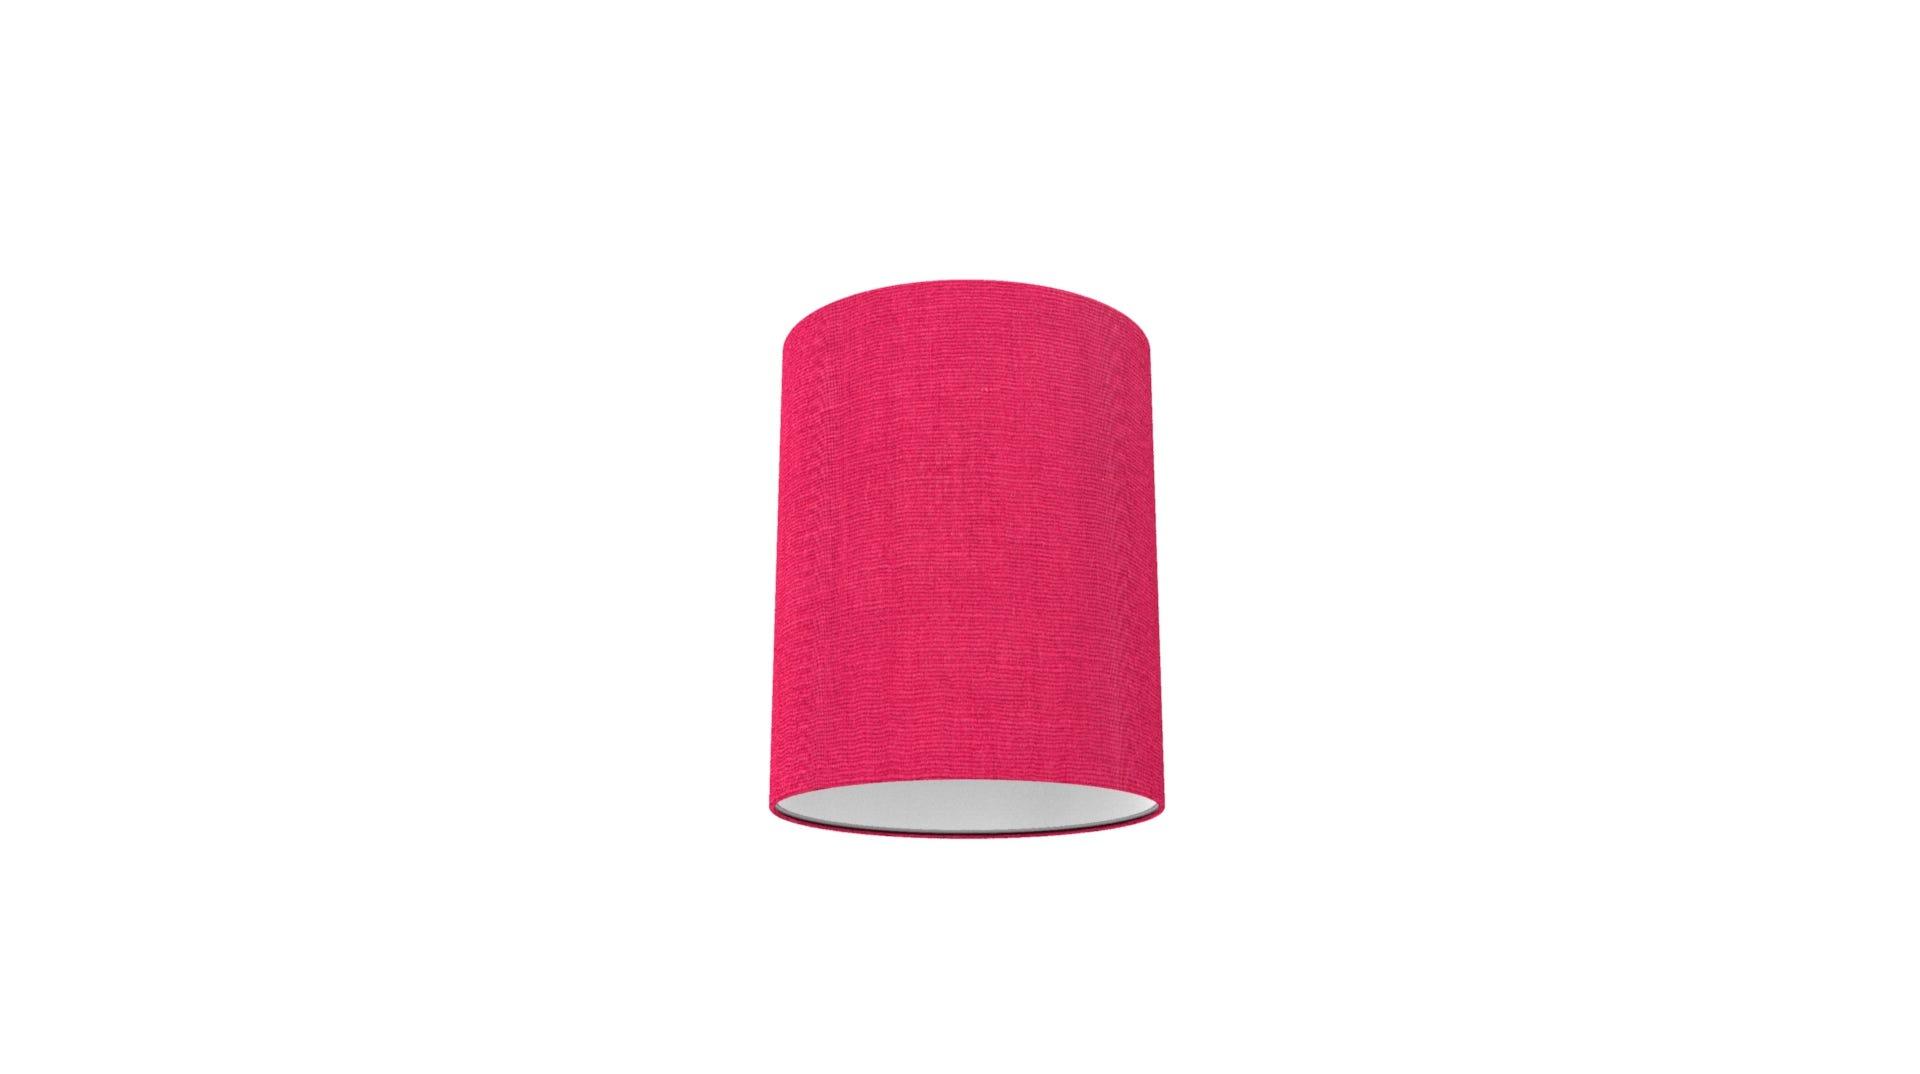 Brera Lino Shade Pink